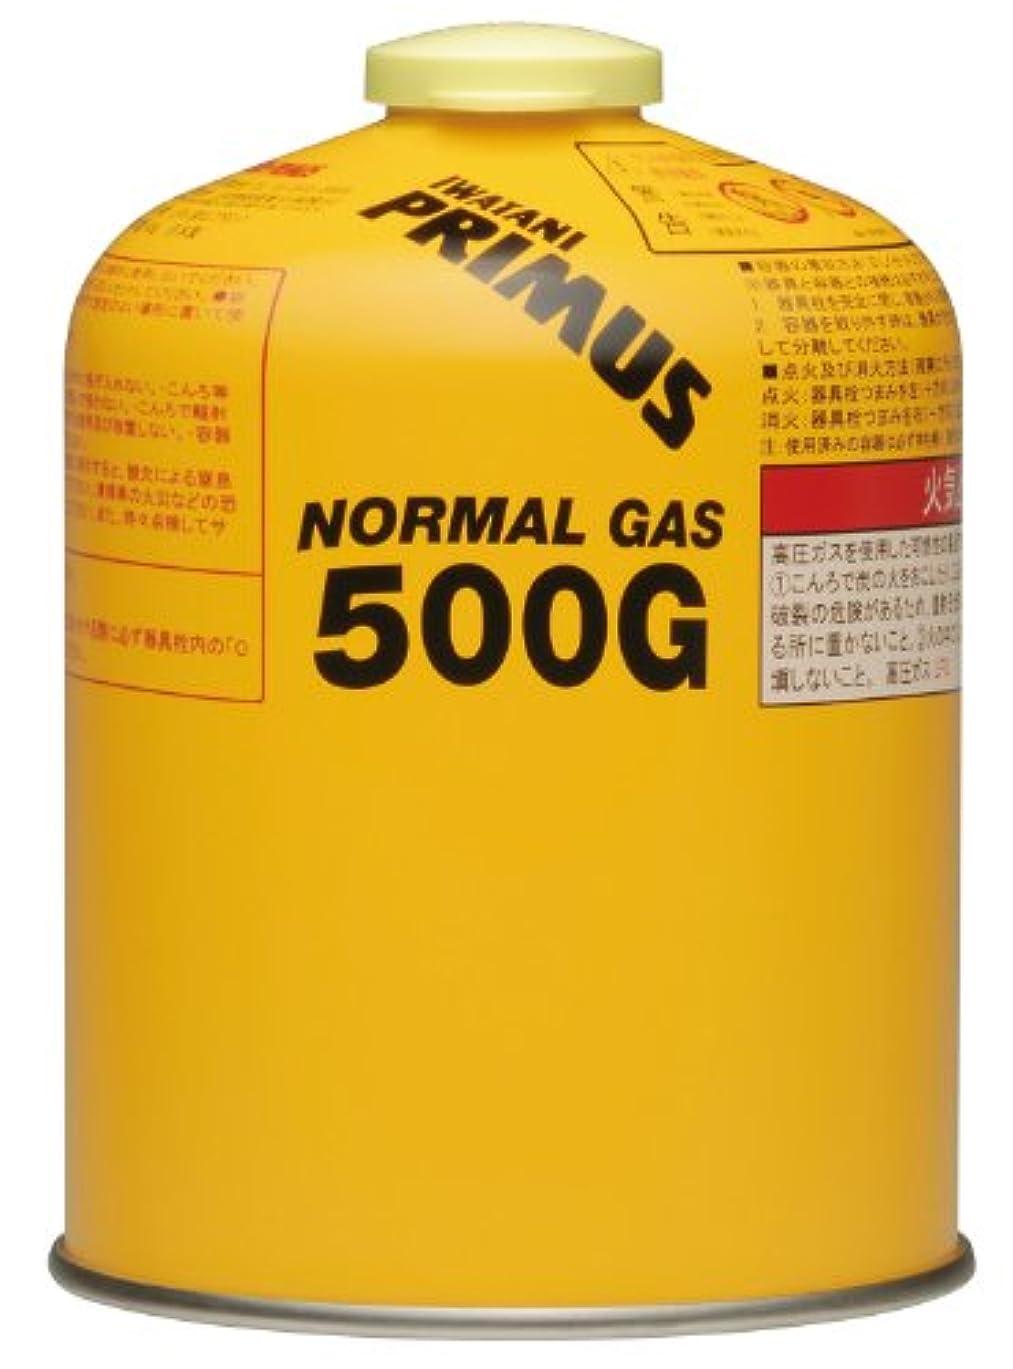 スーパーにぎやかやるPRIMUS(プリムス) GAS CARTRIDGE ノーマルガス(大) IP-500G [HTRC 2.1]